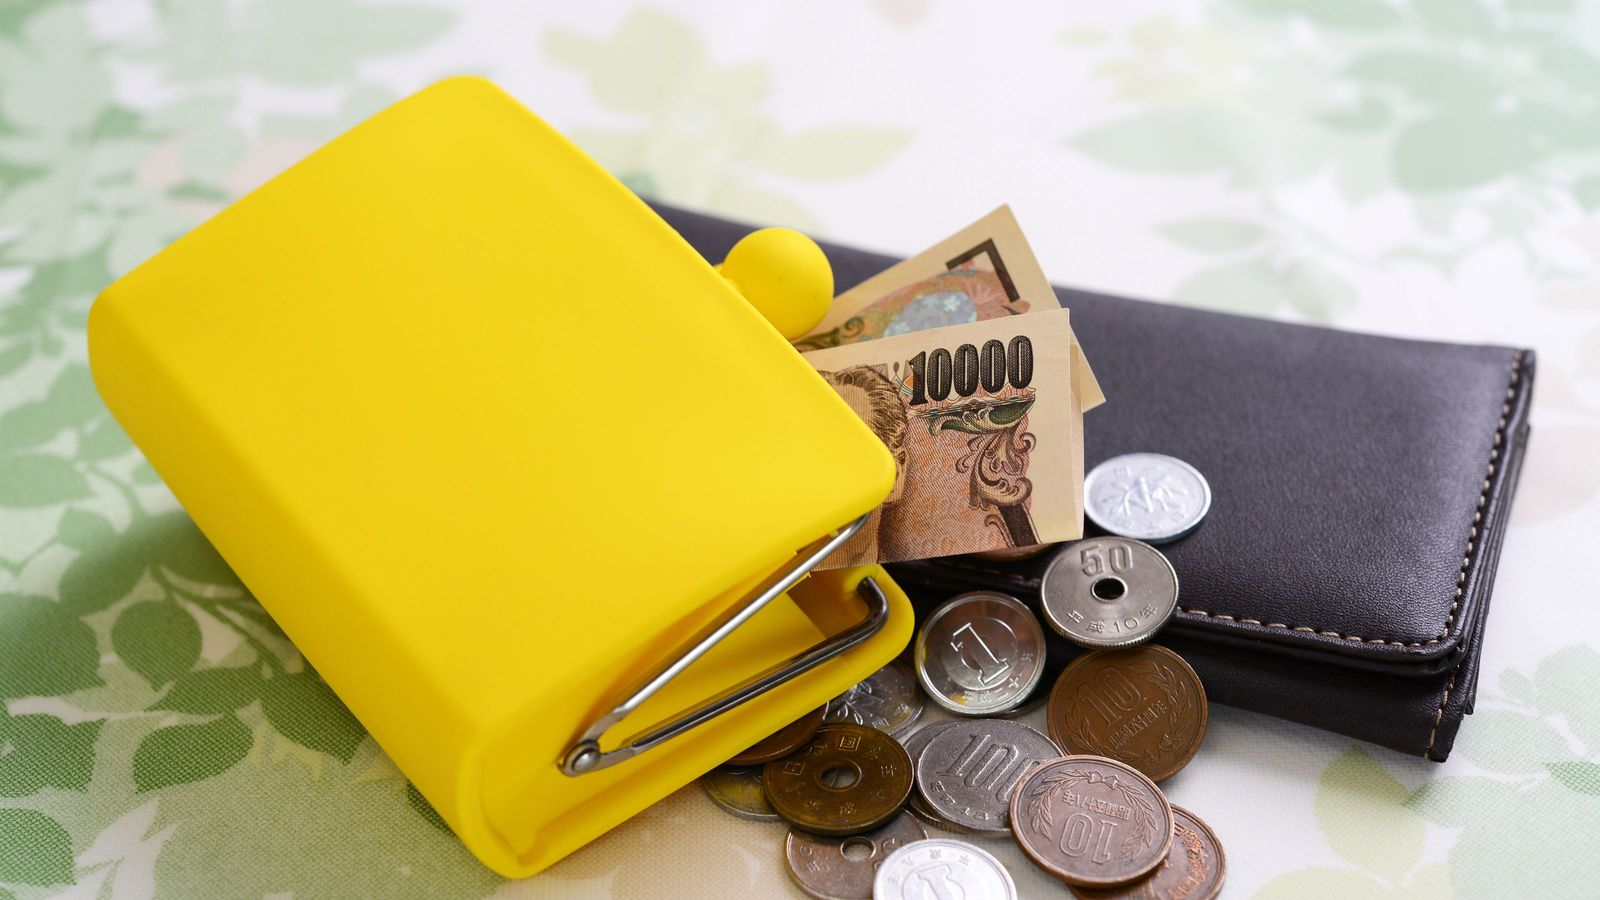 銀行では殖えない時代。人気FPがコッソリ教える「最も正しい『お金の預け先』」 新生銀行は使い方次第で有りな理由